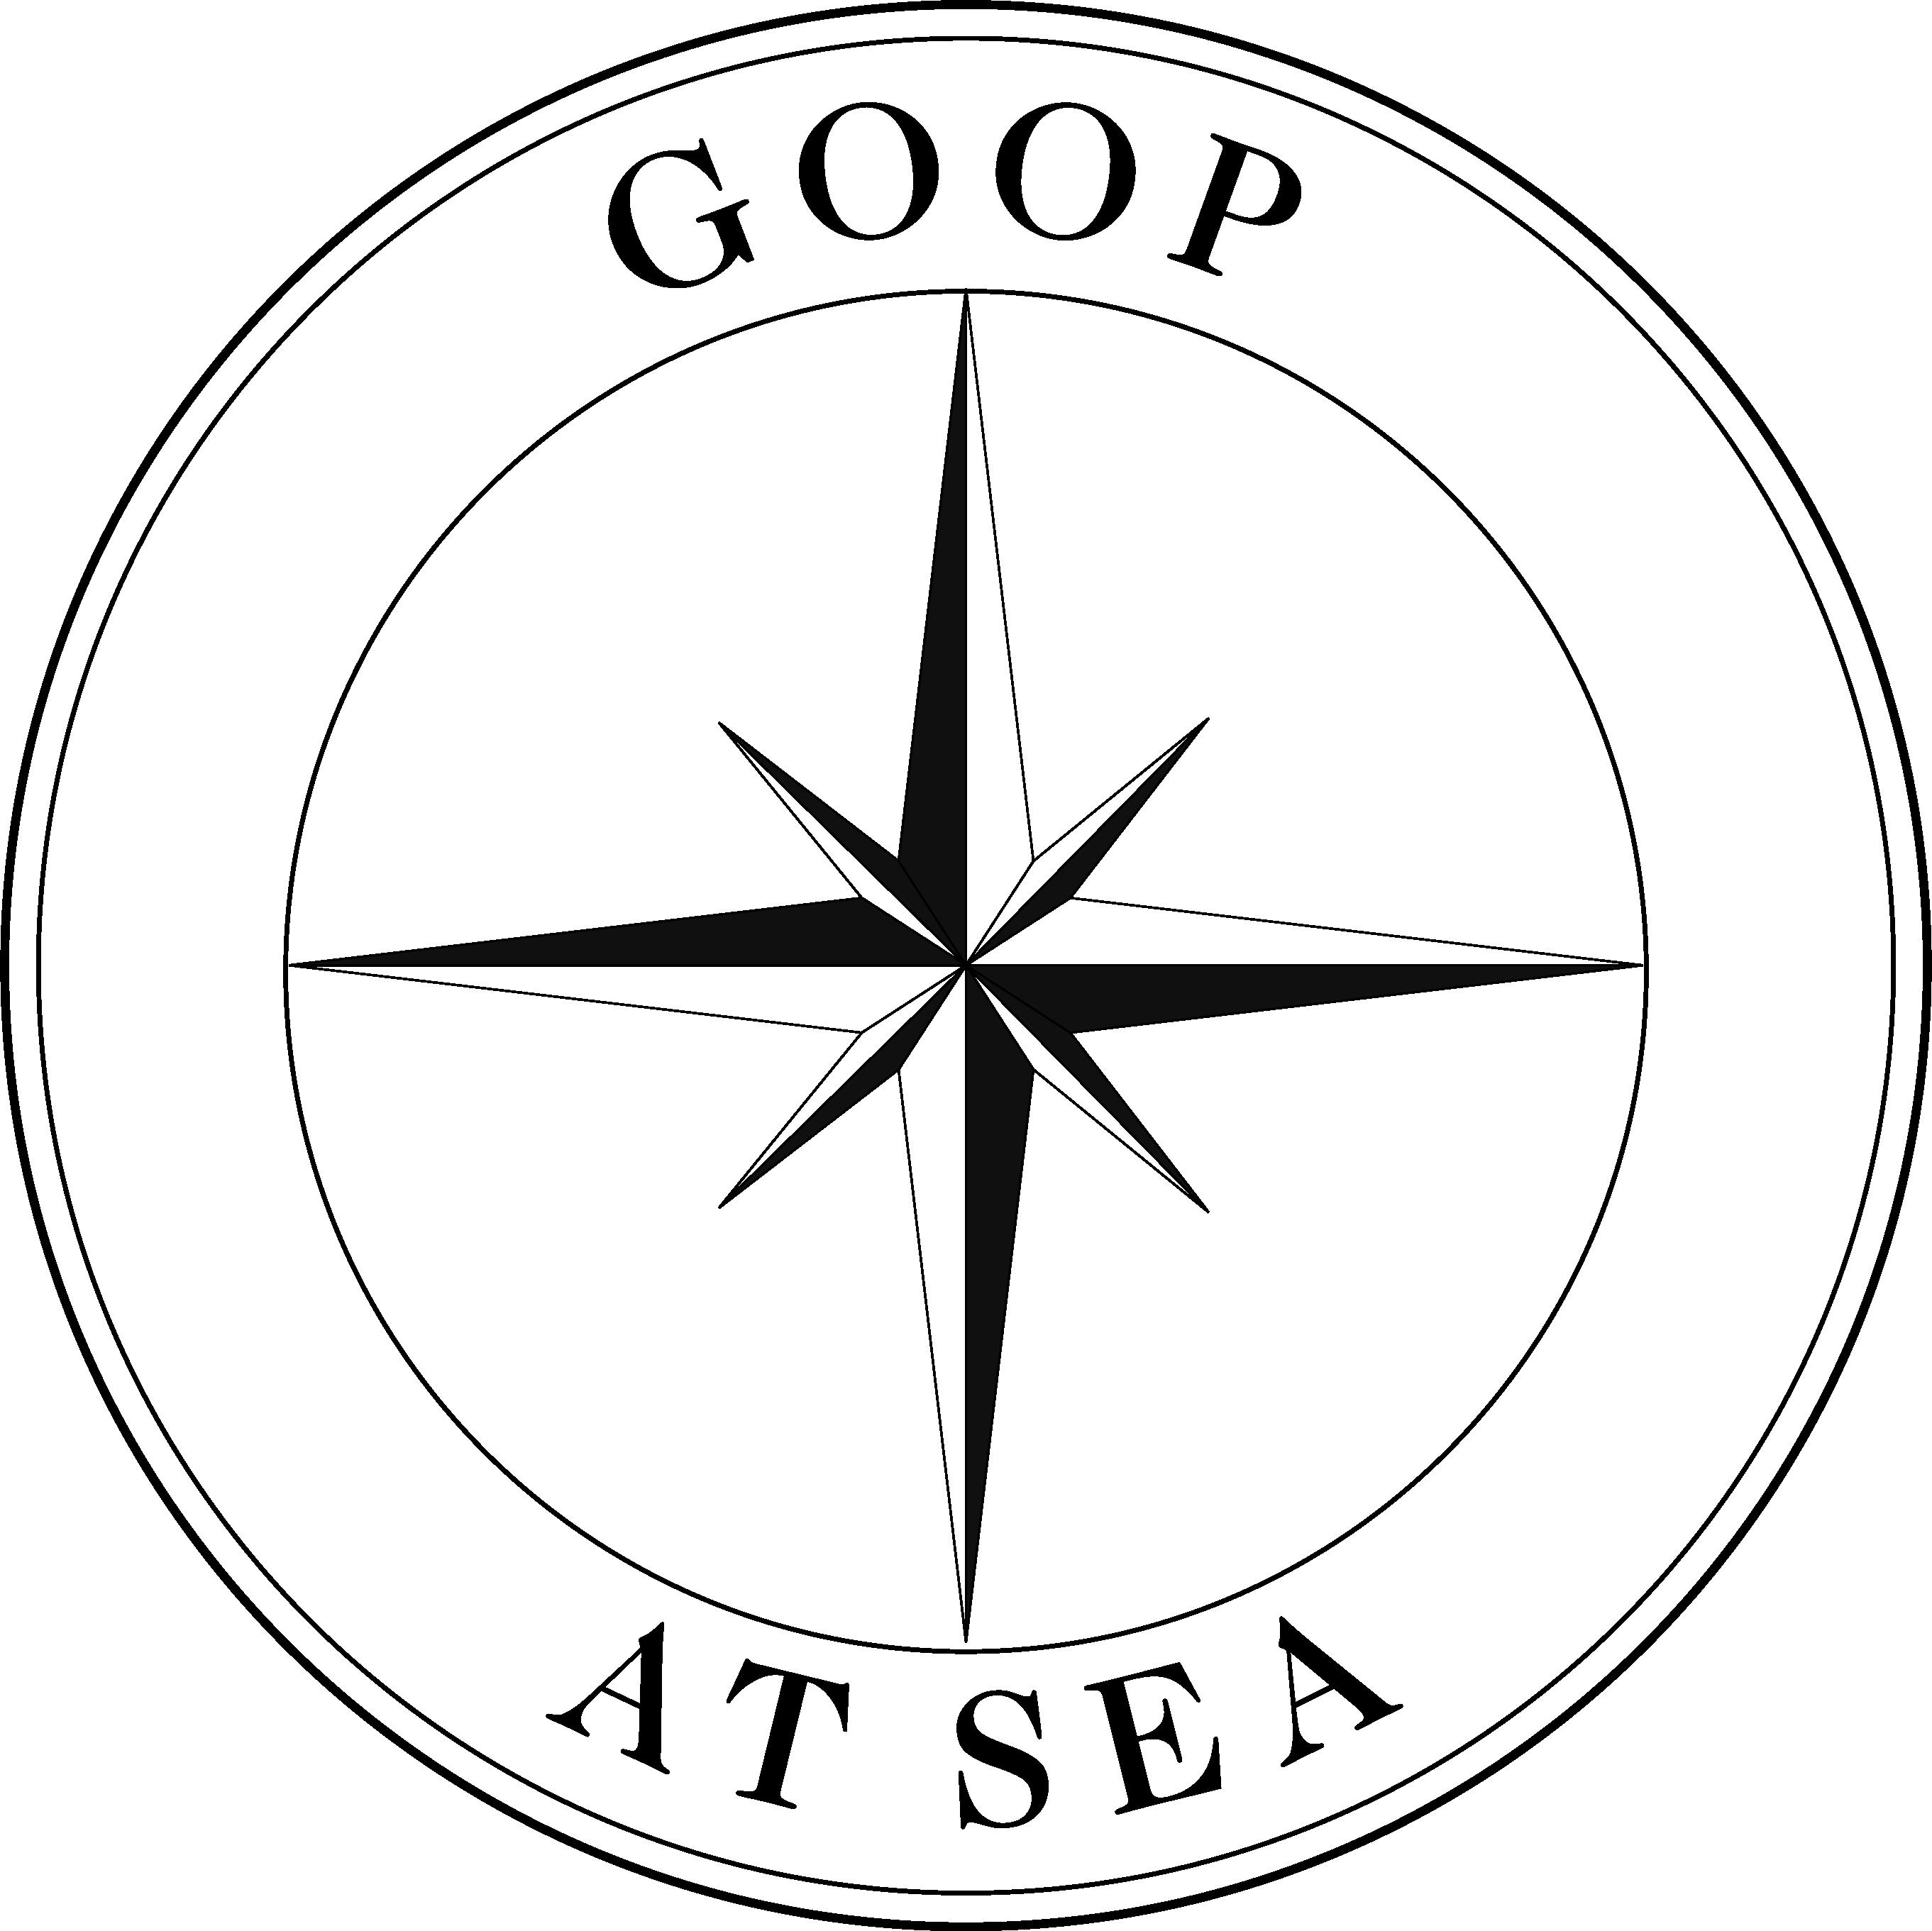 goop at sea logo